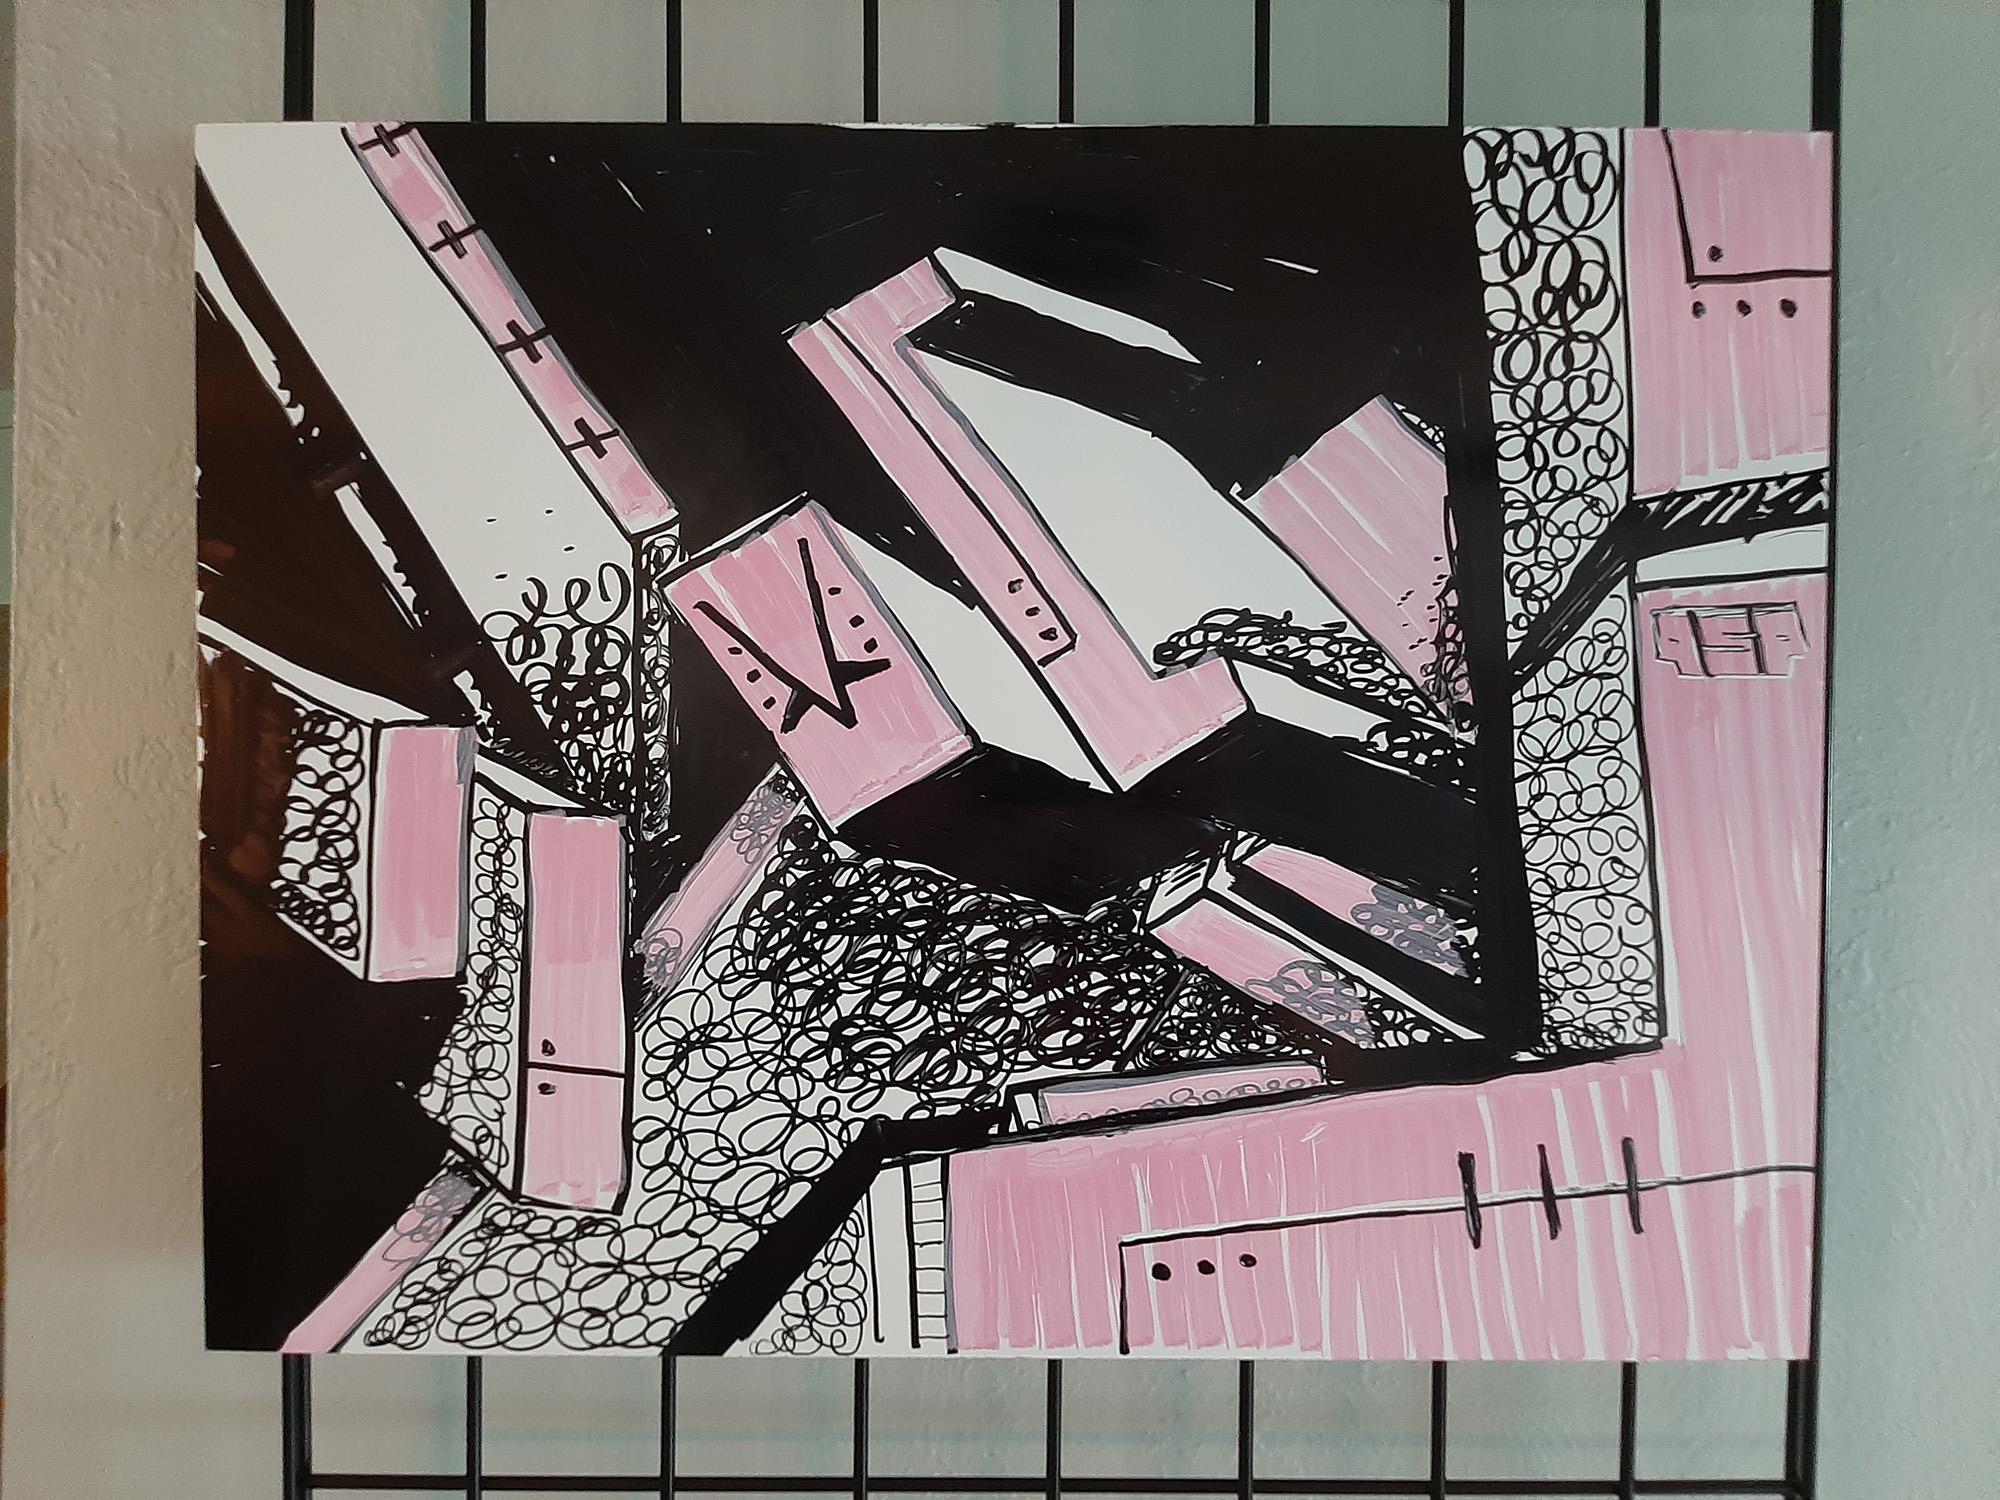 Pink mechanical art piece by Orlando artist QSP